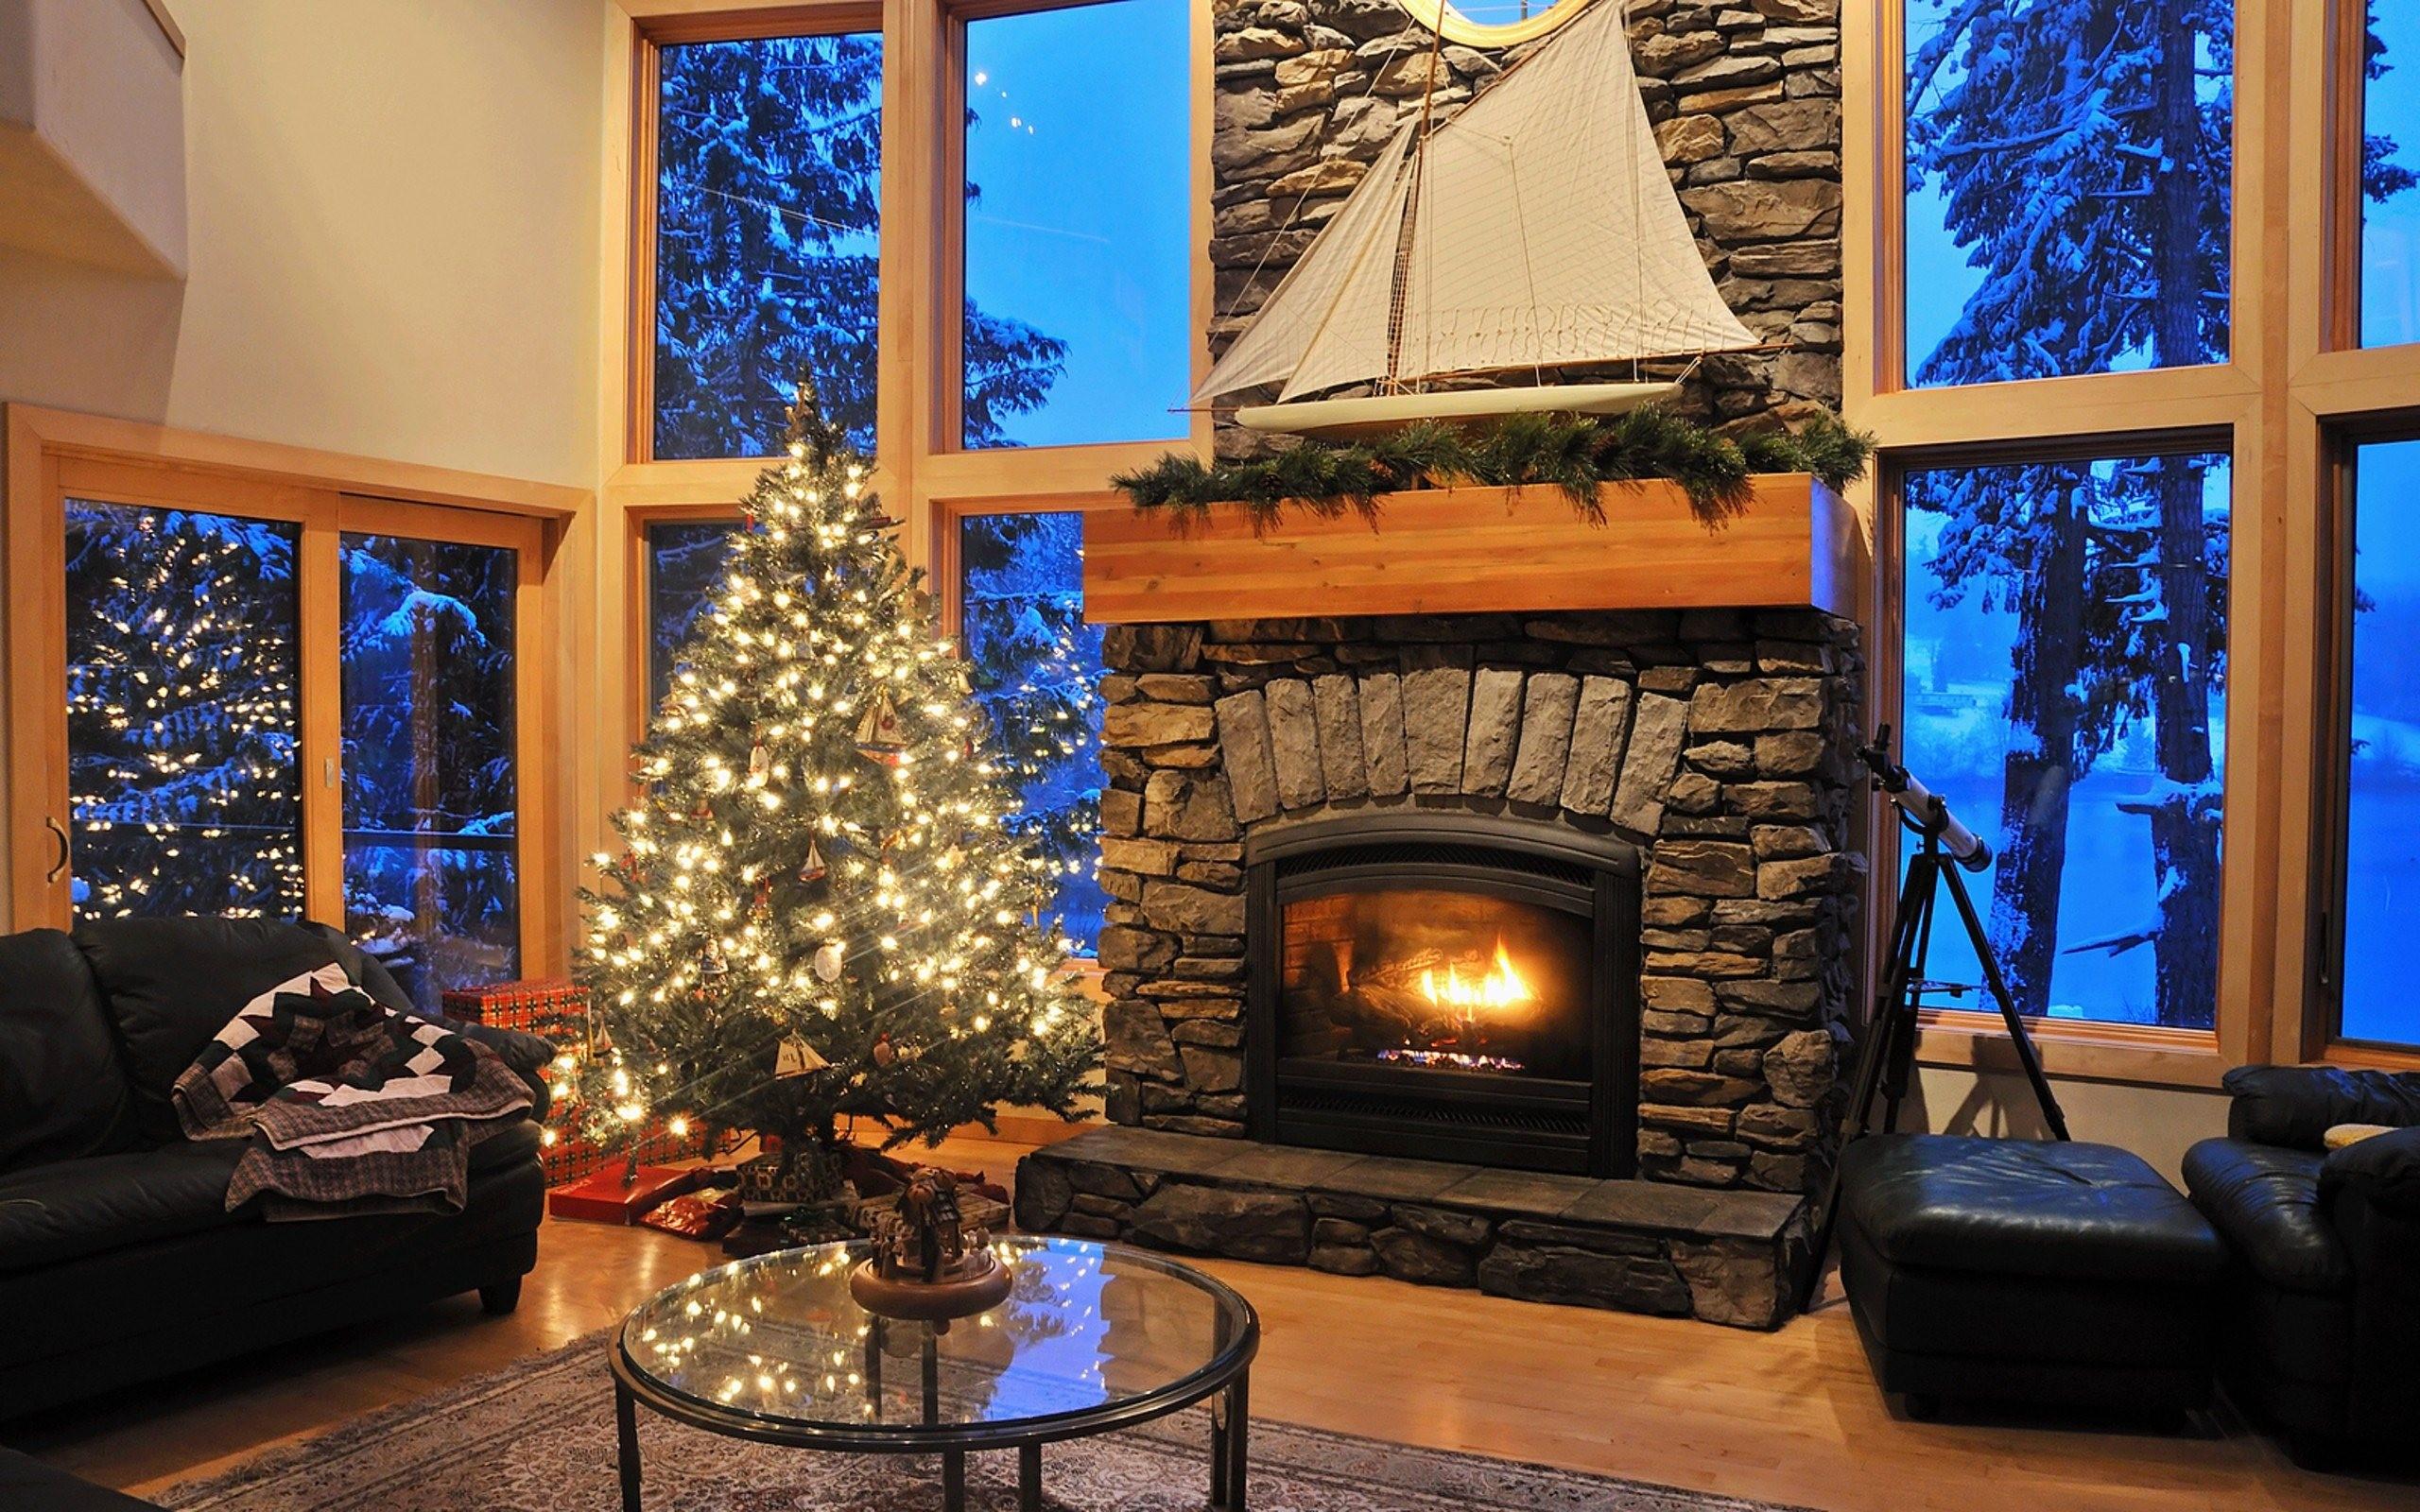 Una cabaña en navidad - 2560x1600